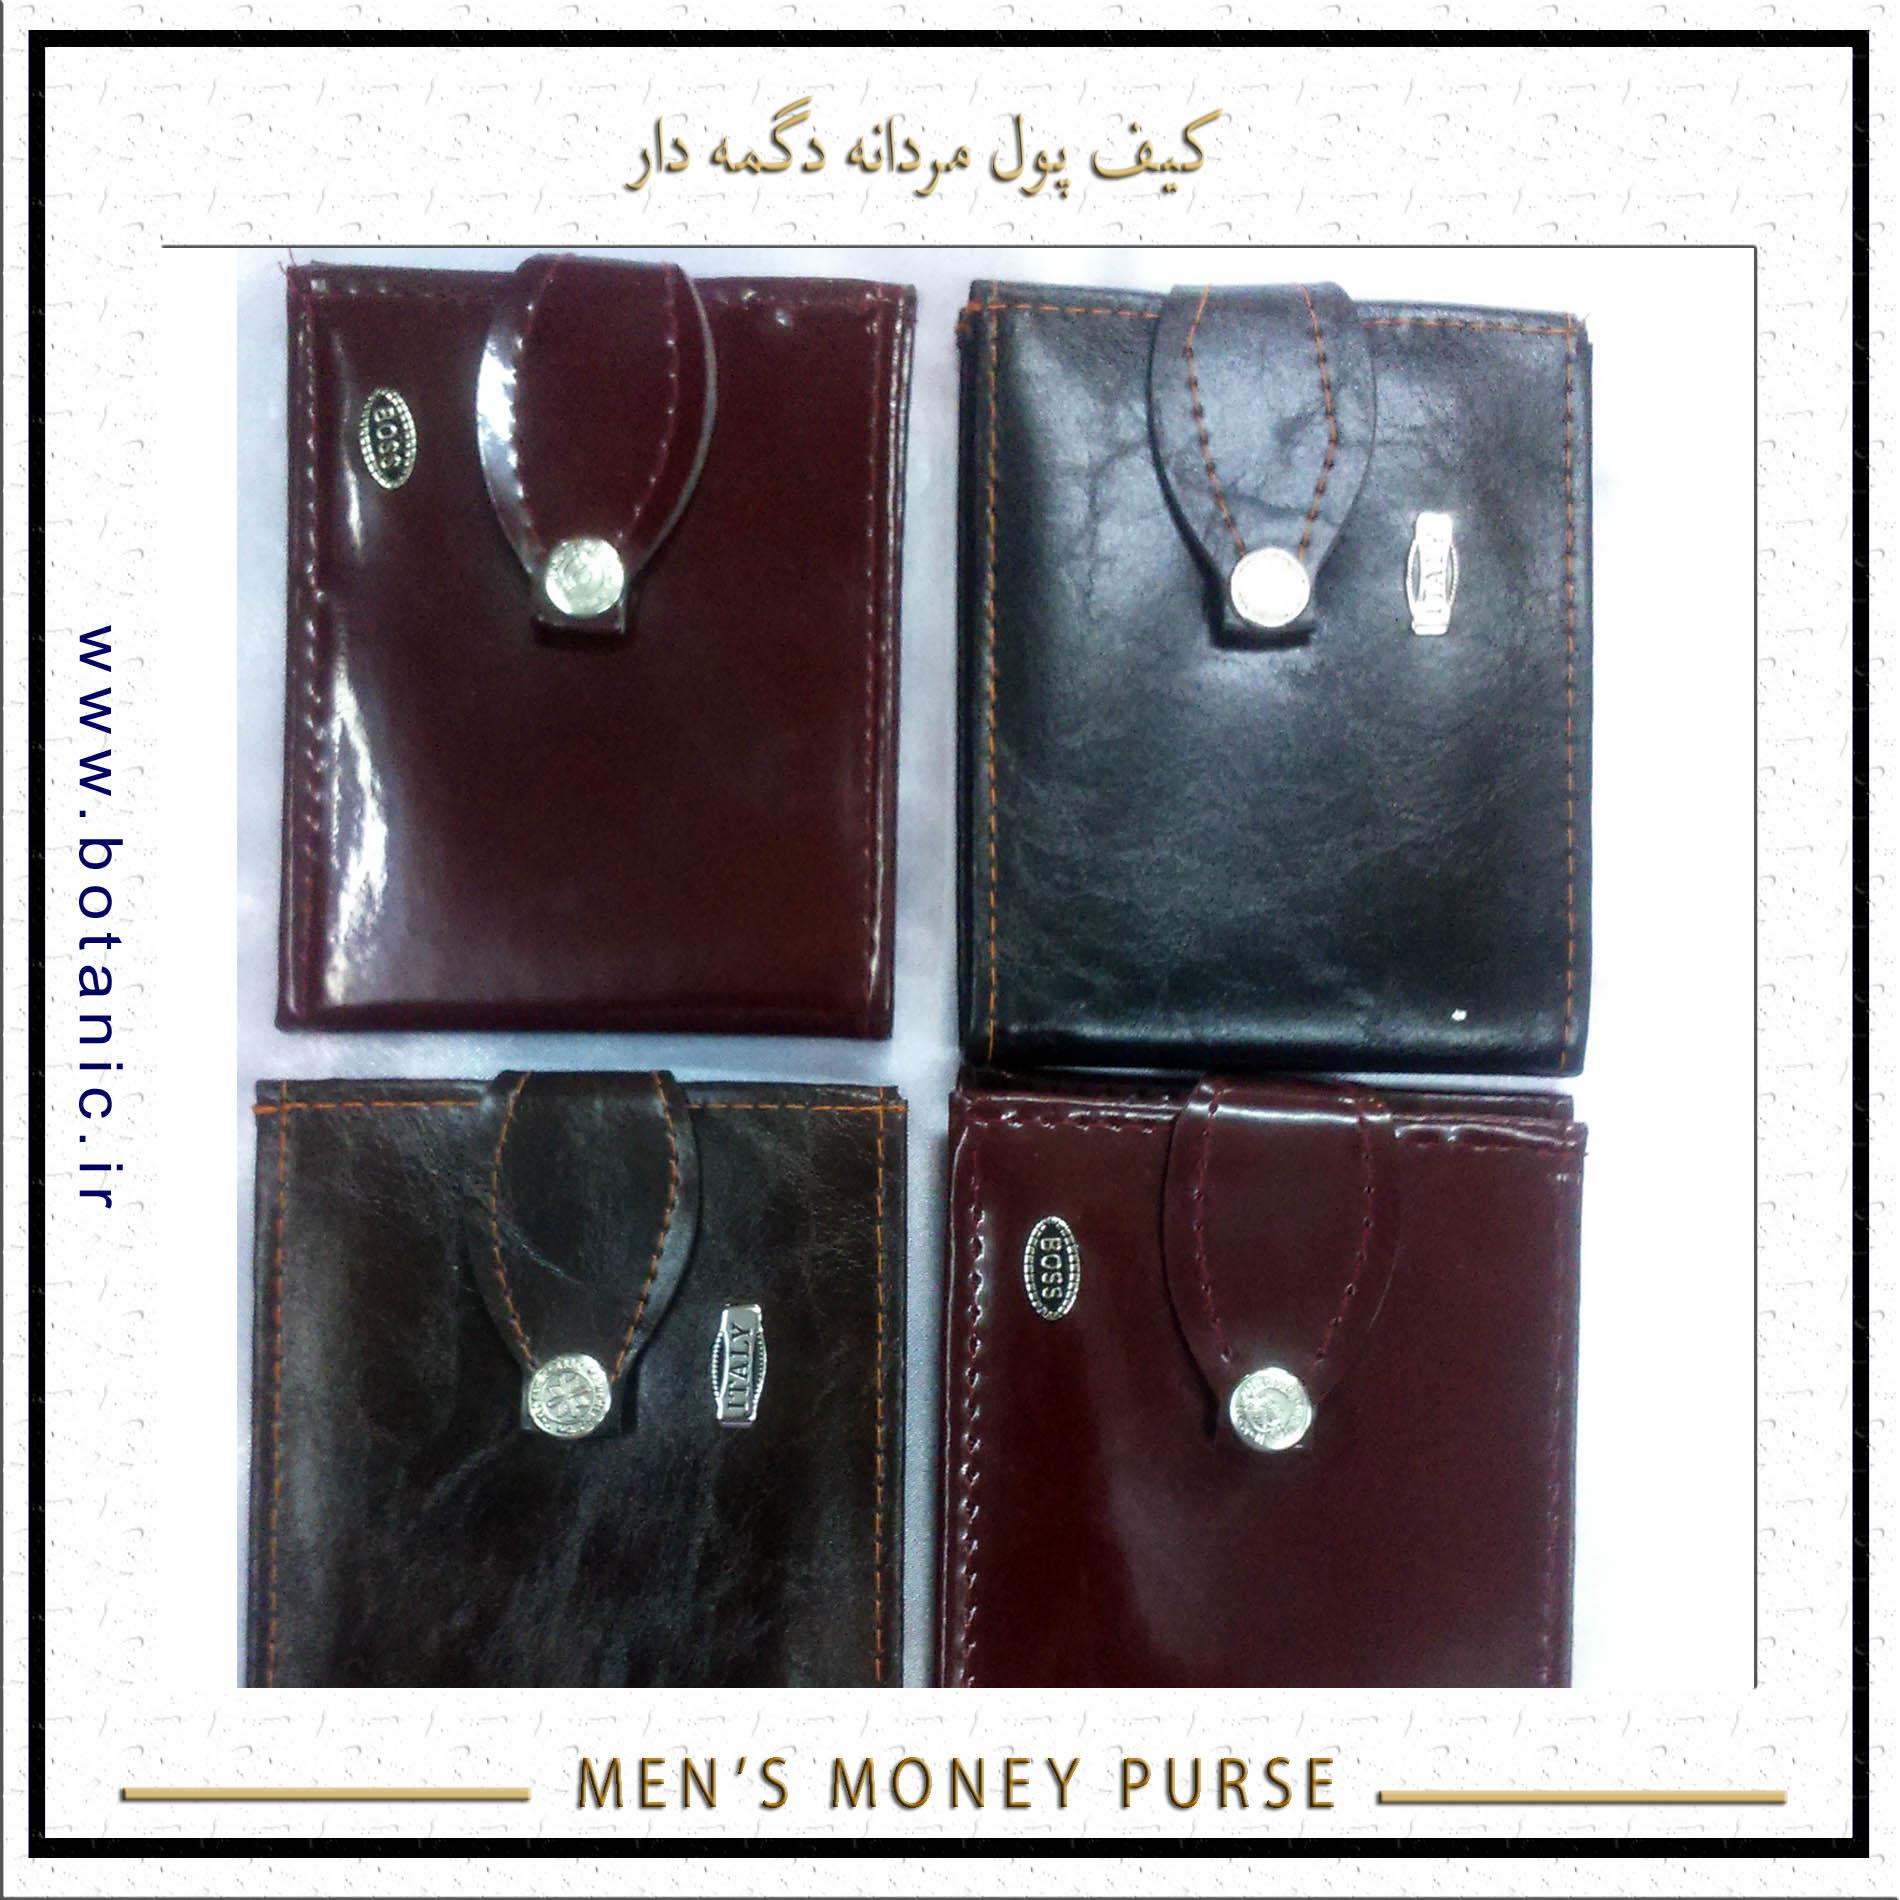 کیف پول مردانه دگمه دار